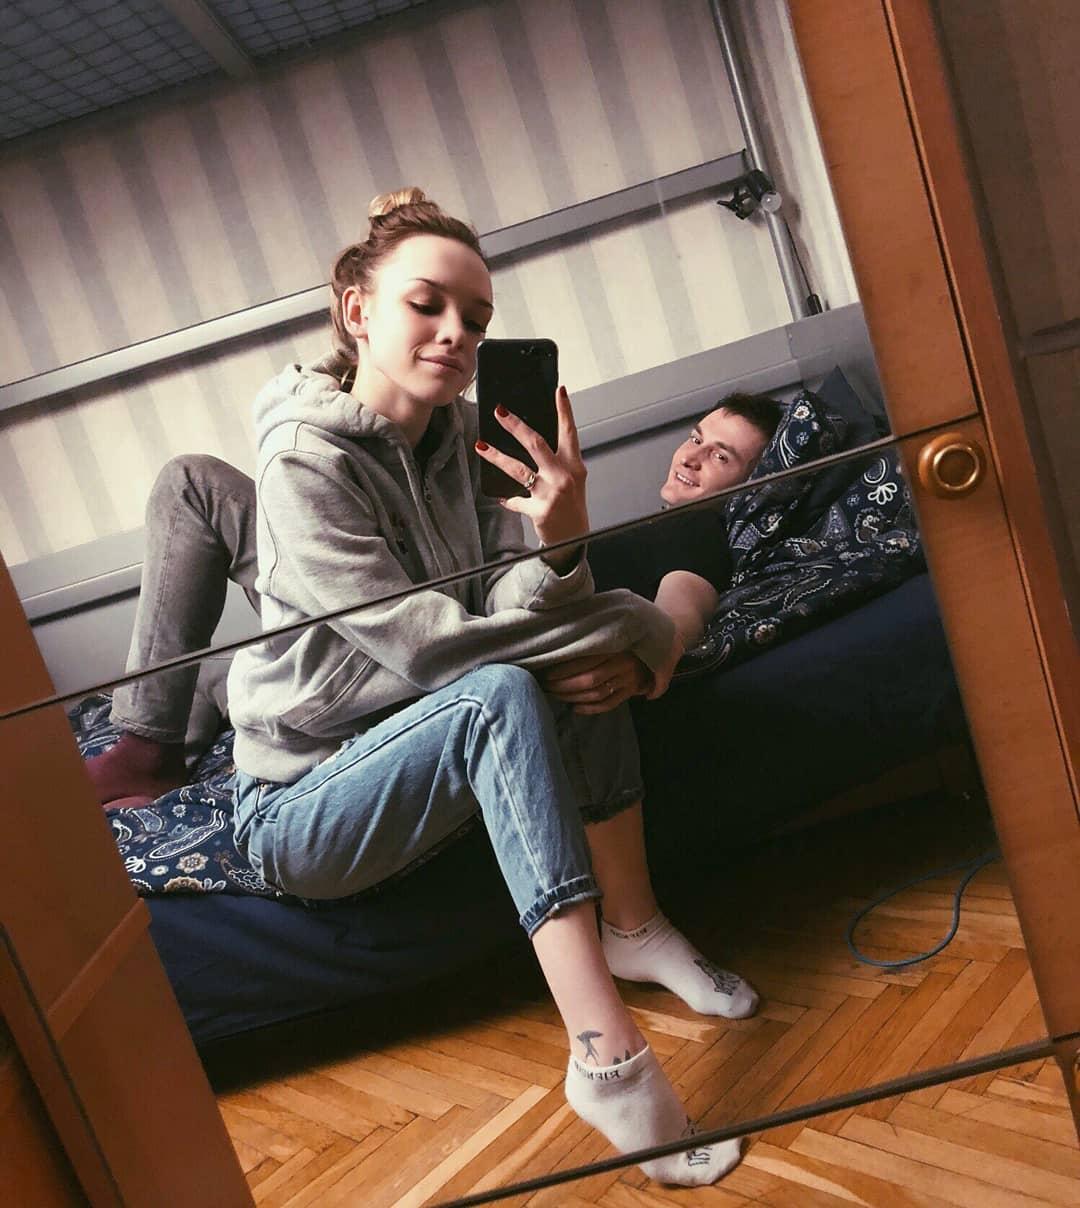 Шурыгина опозорила мужа на глазах у всей страны, изменив ему с бородатым мужчиной. Новости о Диане